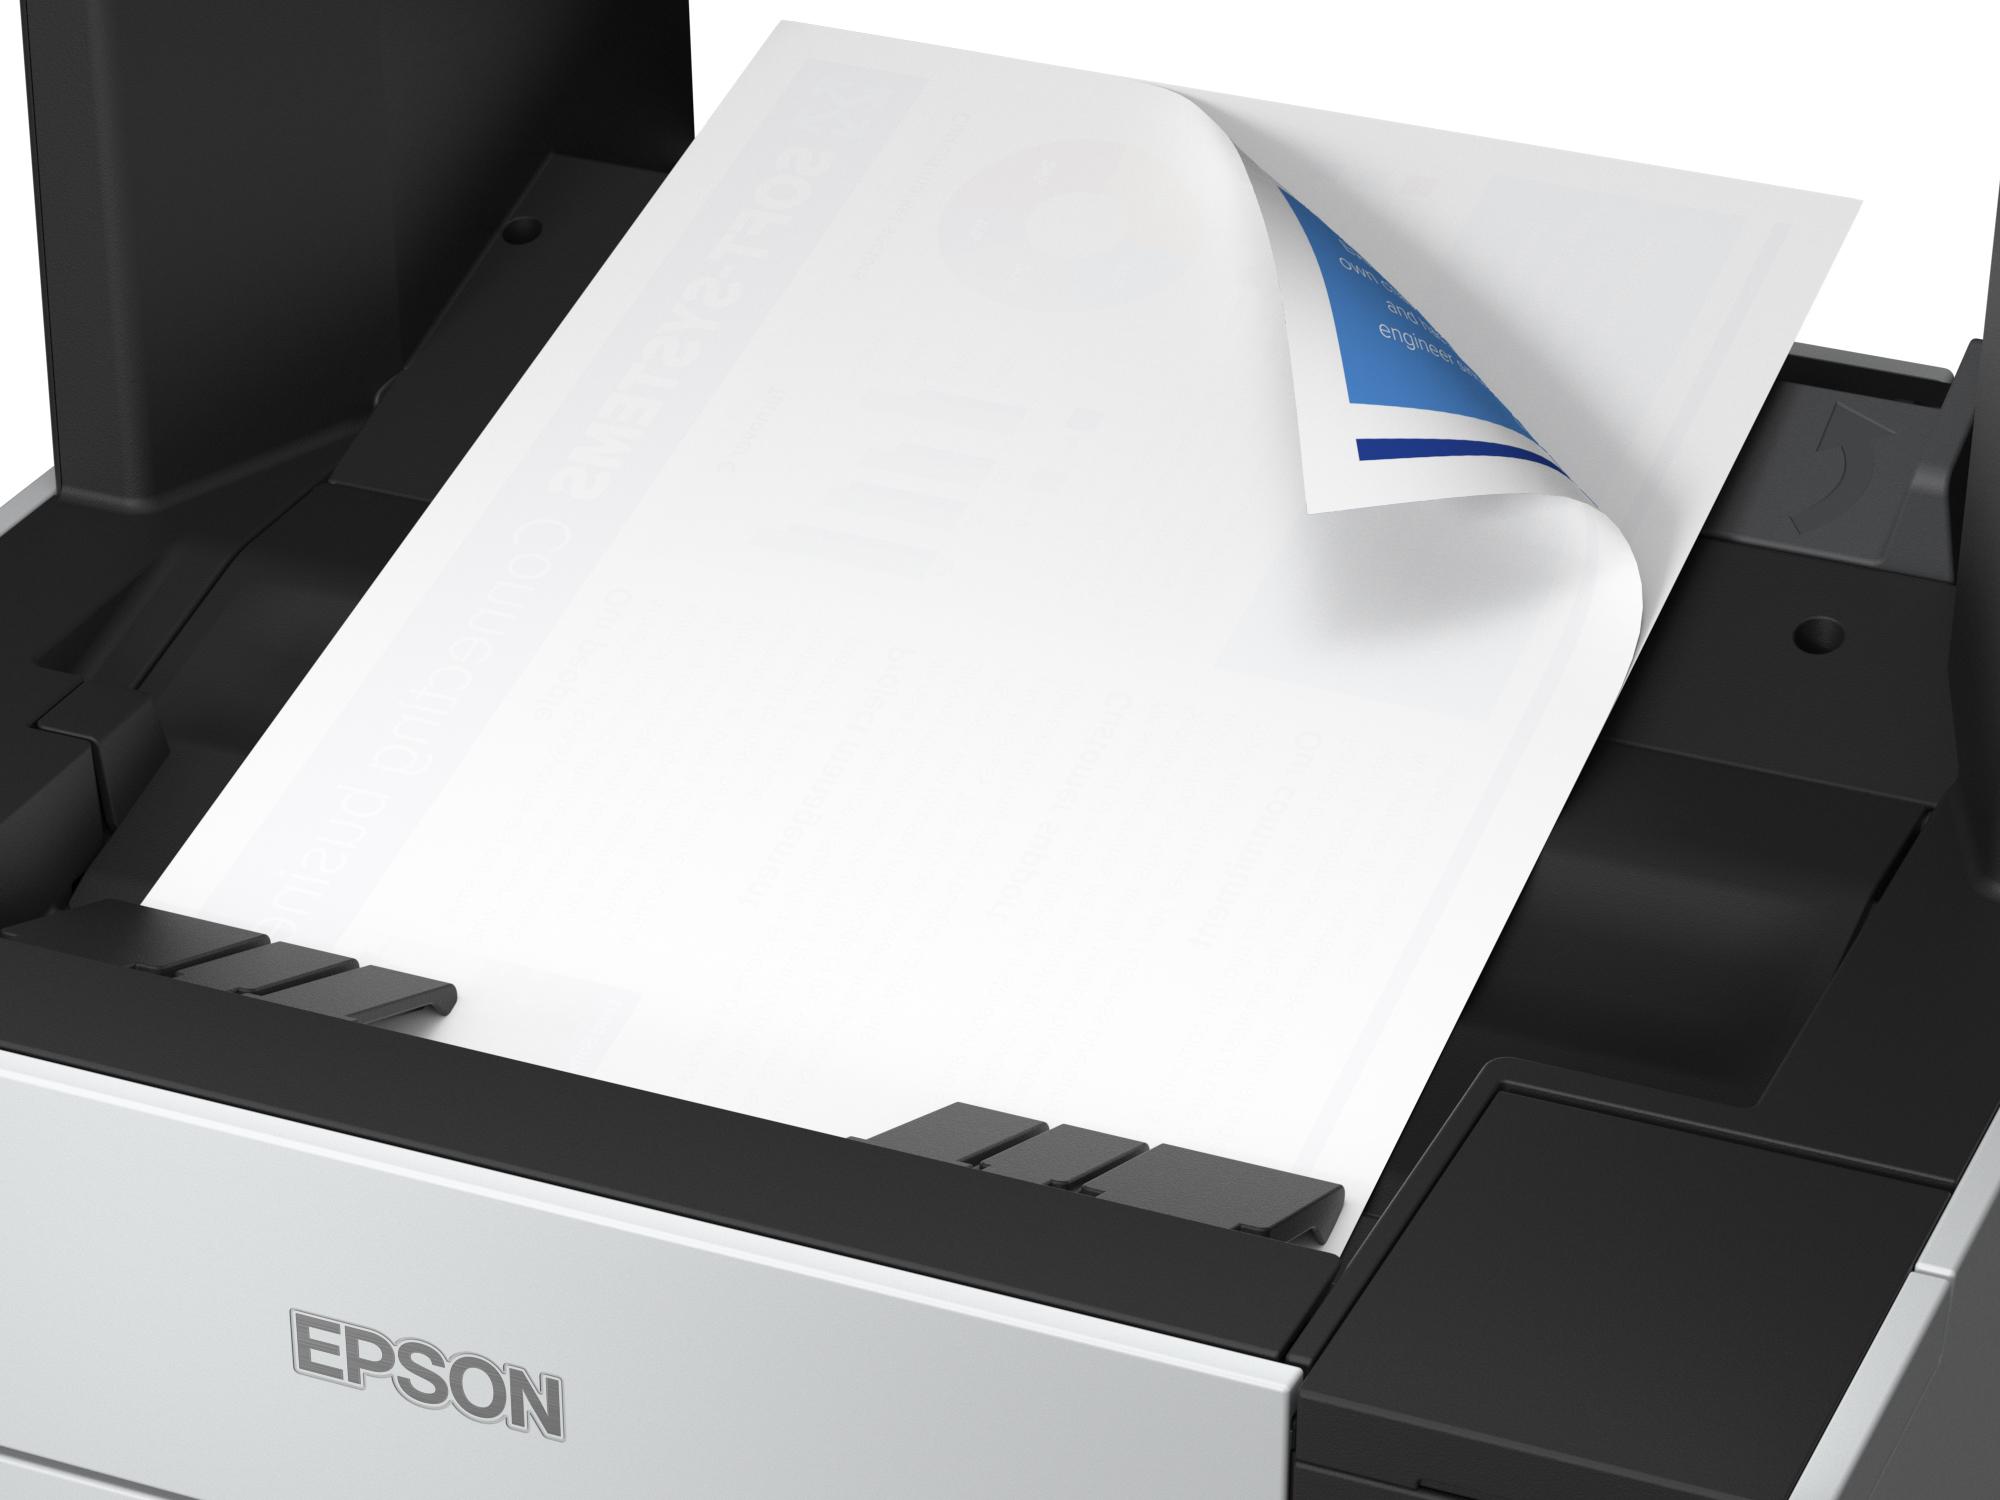 Epson EcoTank ET-5170 Blekkdyse A4 4800 x 1200 DPI 37 ppm Wi-Fi